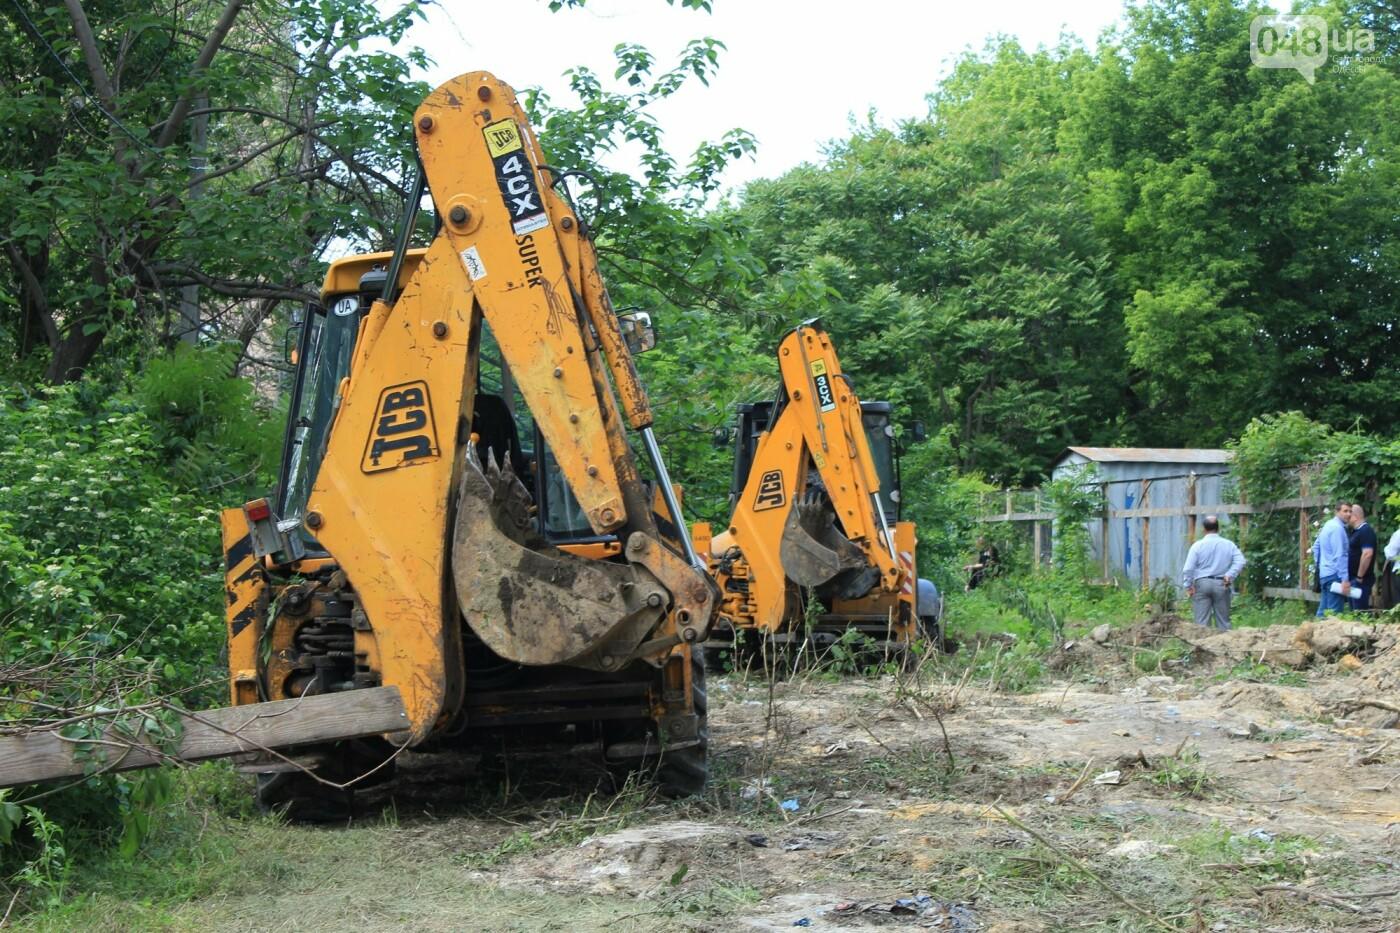 Локальная экологическая катастрофа: чем мог обернуться рейдерский захват в Одессе, - ФОТО, ВИДЕО, фото-1